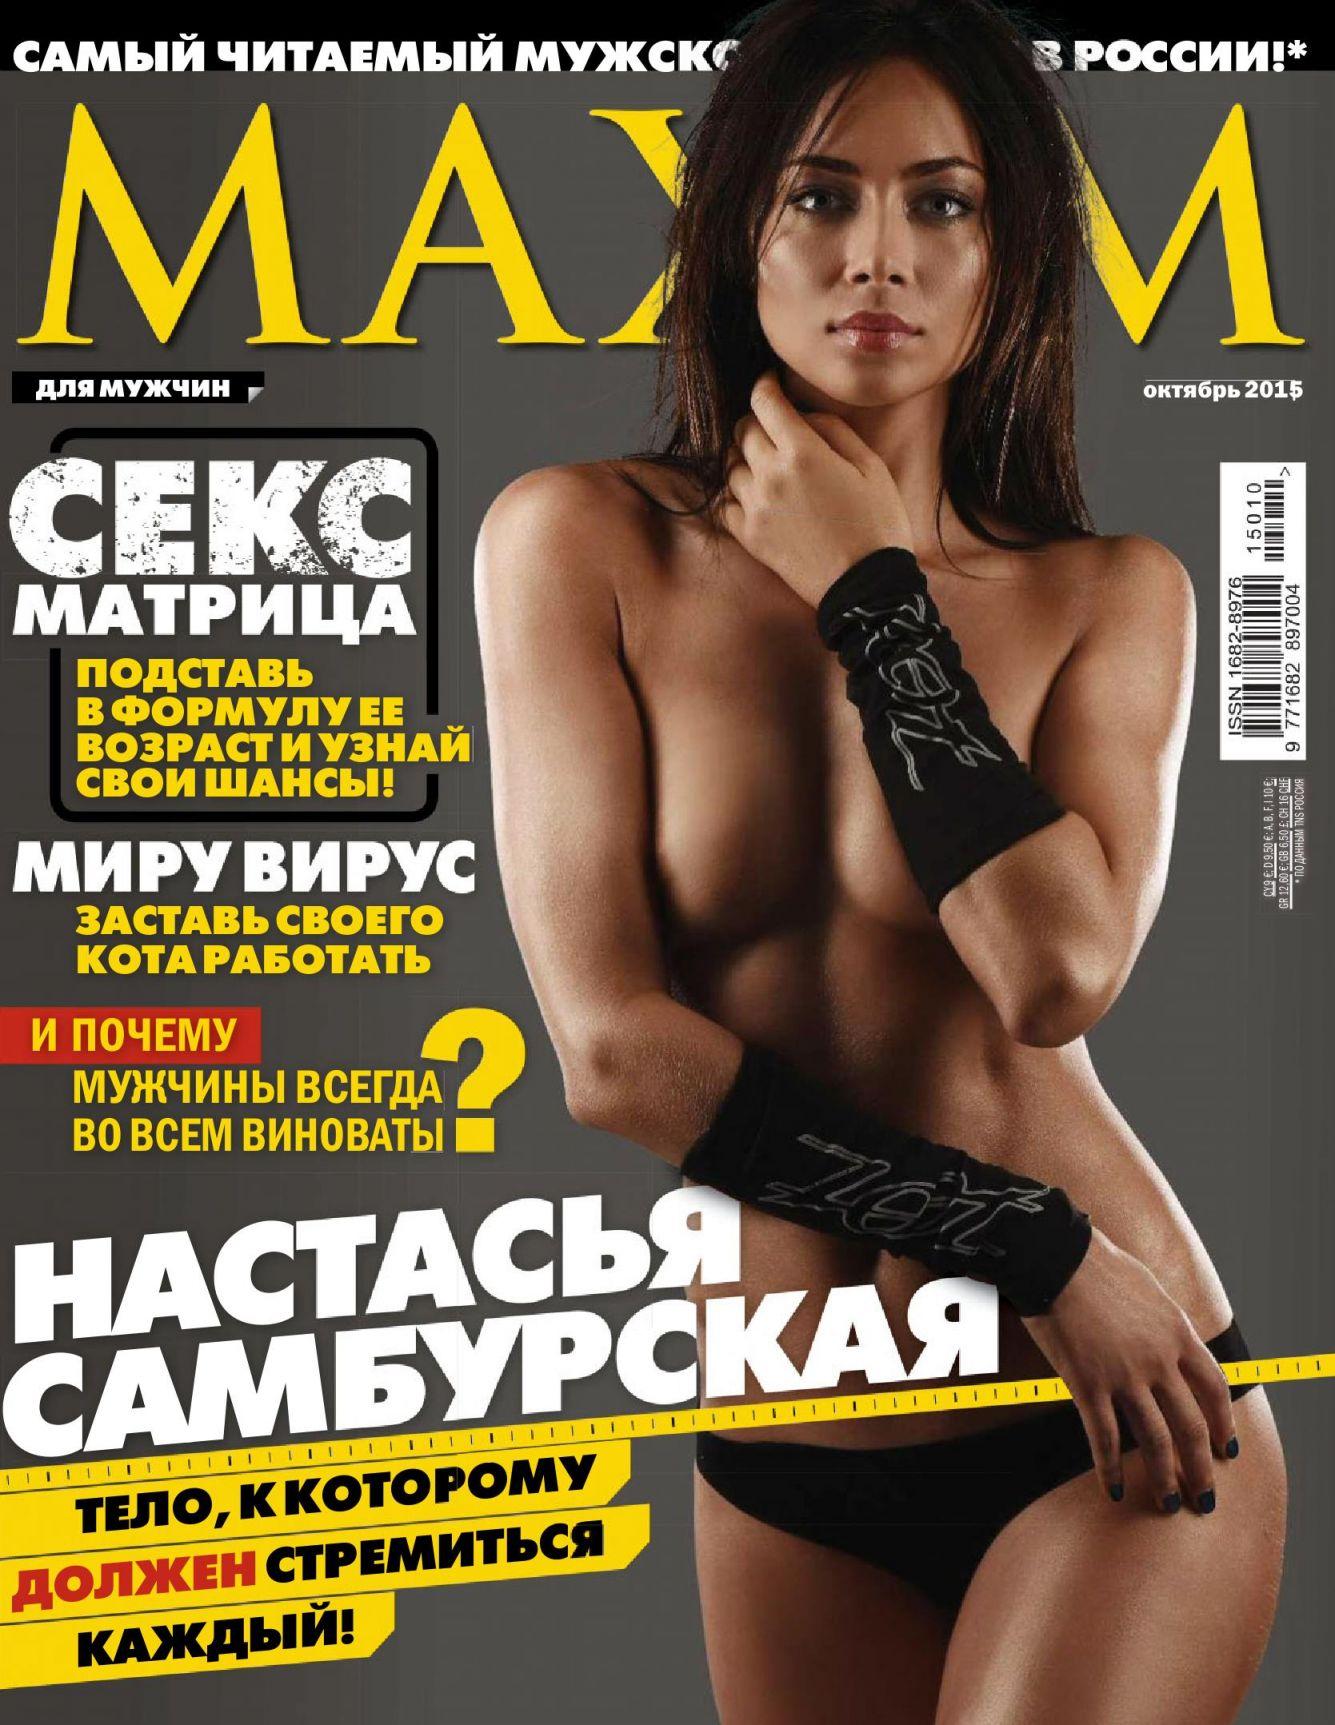 Nastassja Samburskaya Topless (5 Photos)